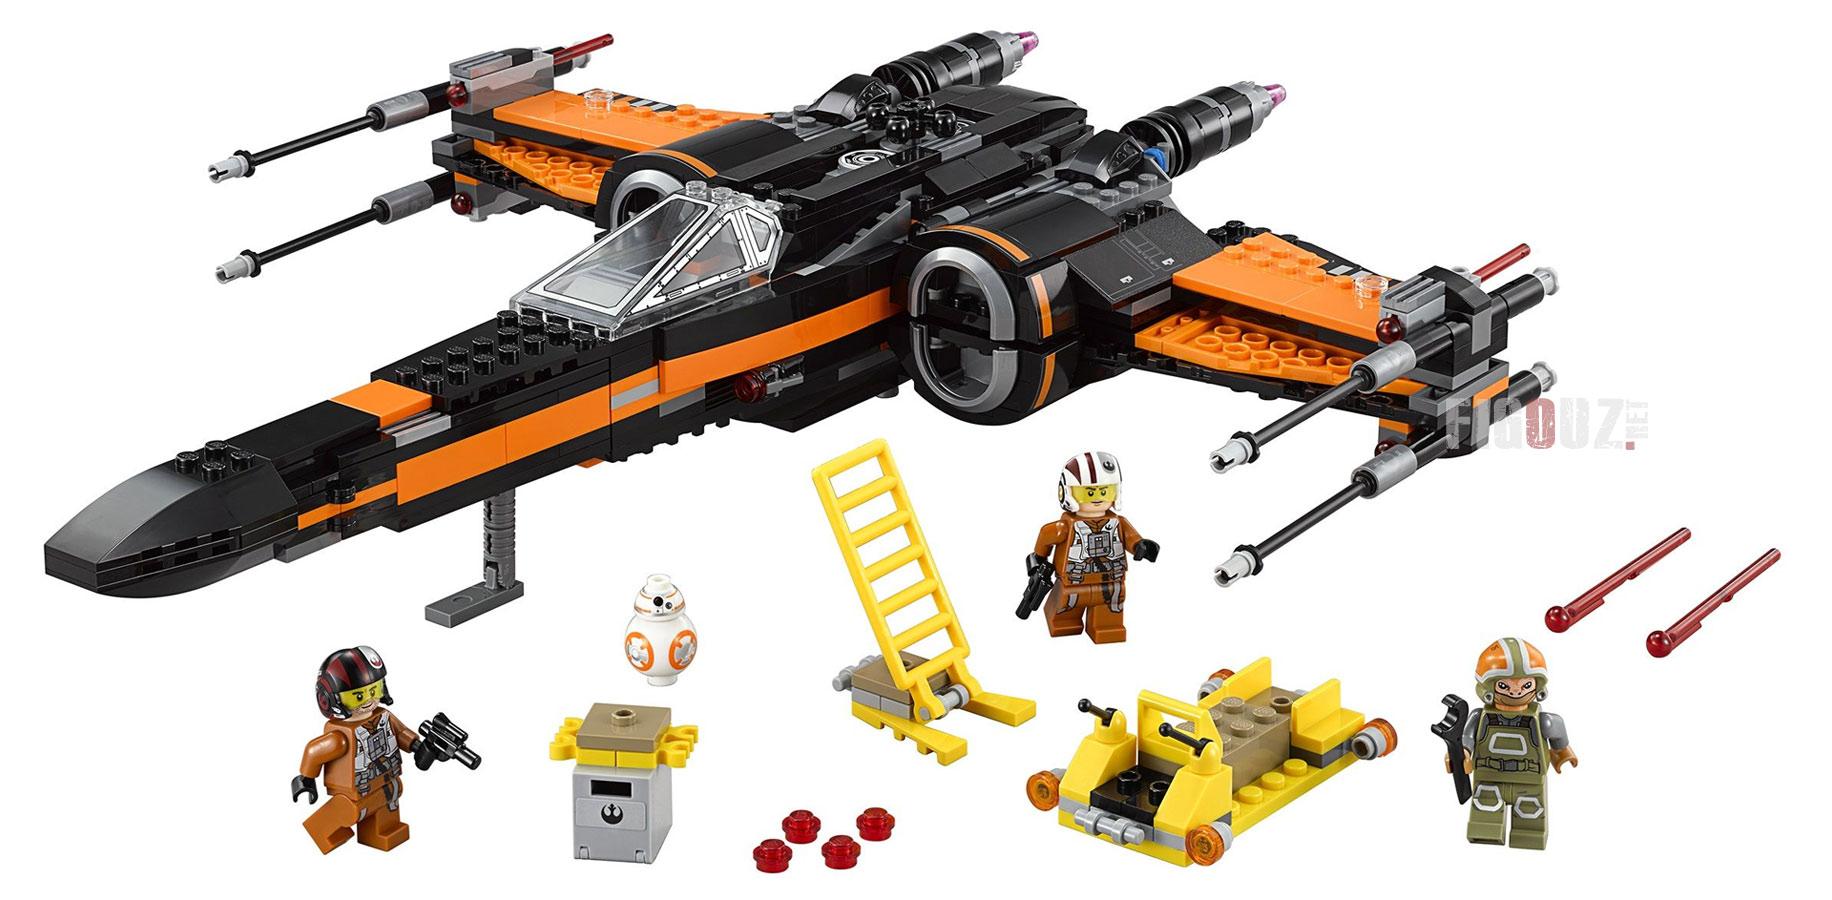 Lego star wars 2015 les nouveaut s star wars 7 les - Image star wars vaisseau ...